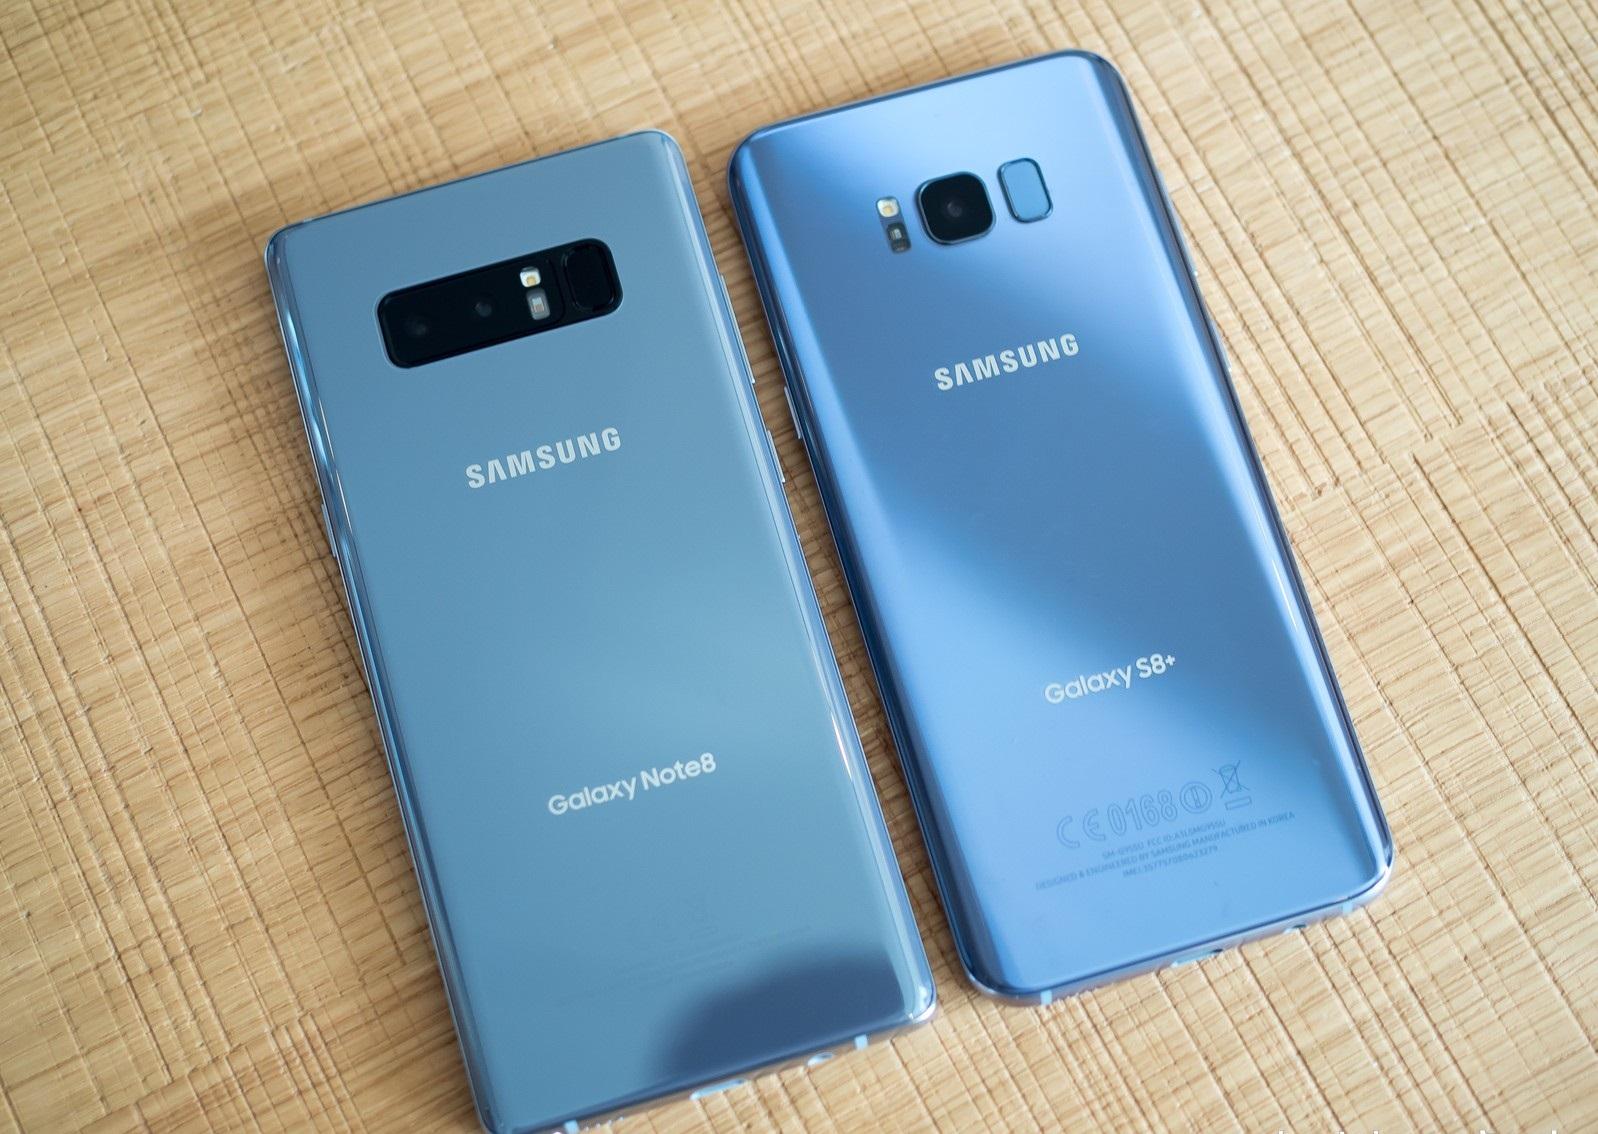 3cd9f436a38bf Samsung Galaxy Note 8 - عرب هاردوير